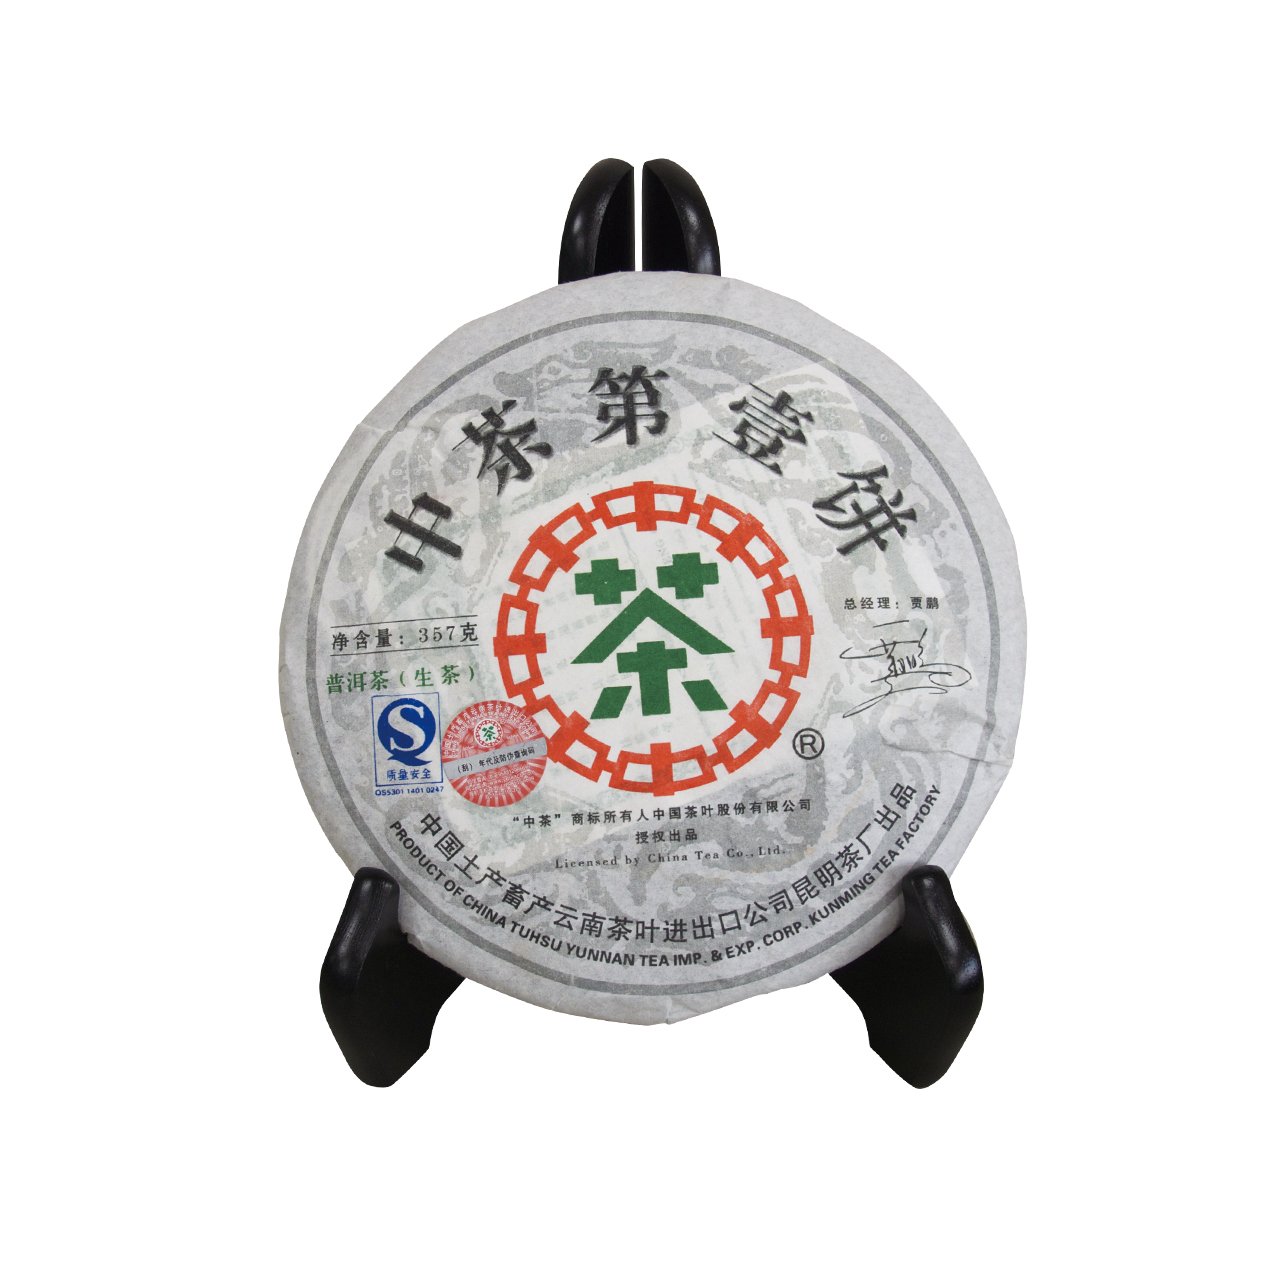 中茶第壹餅(生茶)